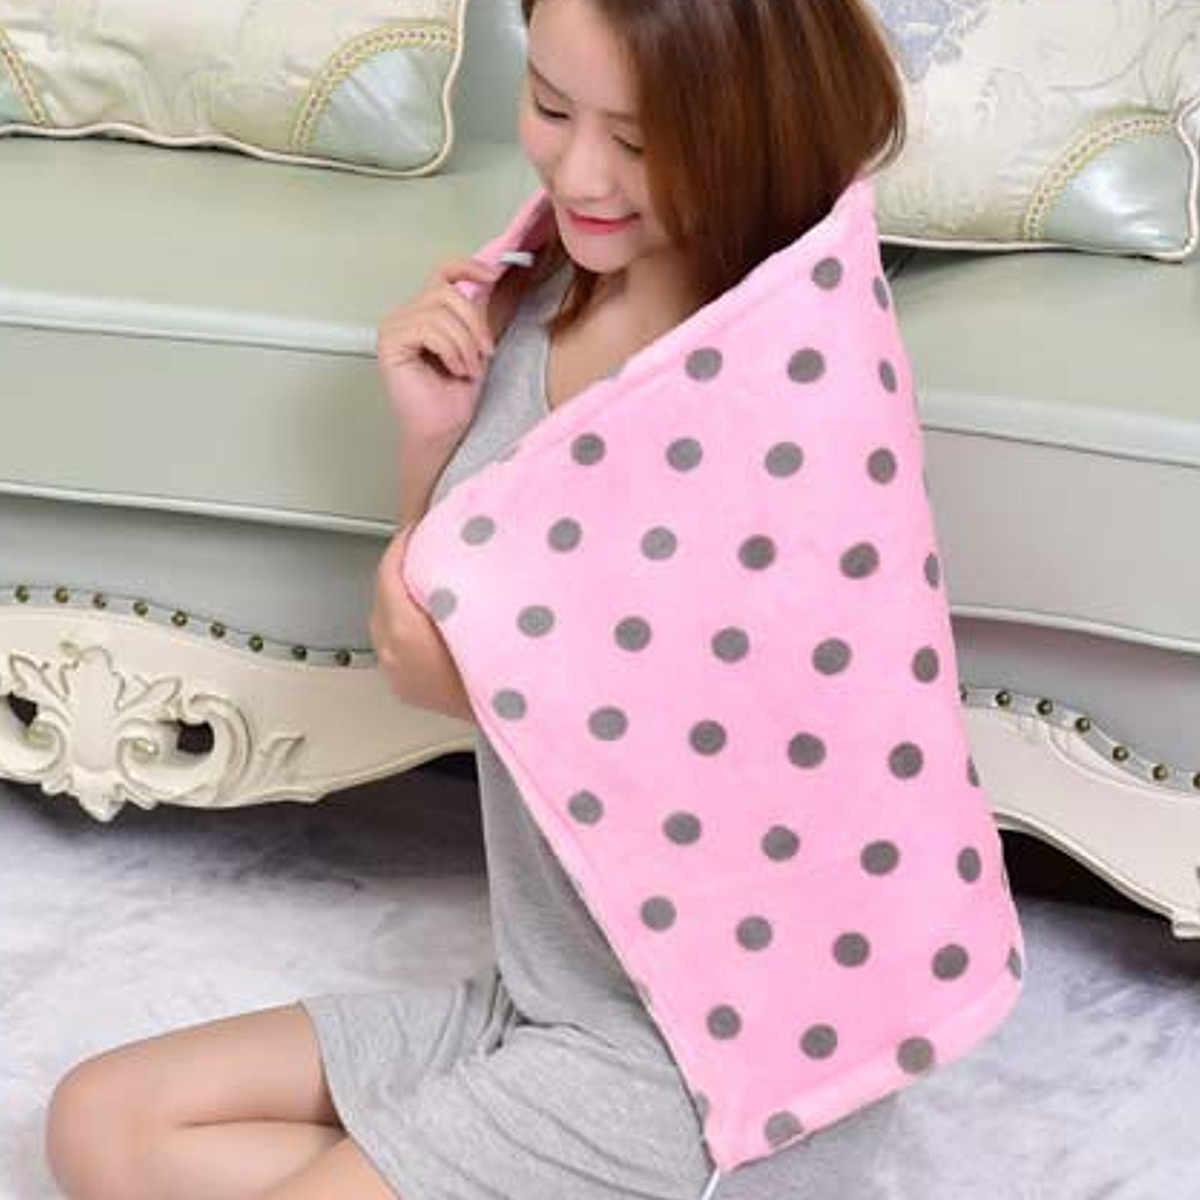 Battaniye peluş çift ısıtmalı battaniye güvenlik elektrikli battaniye kalın tek elektrikli Mat vücut isıtıcı isıtıcı kış ürün